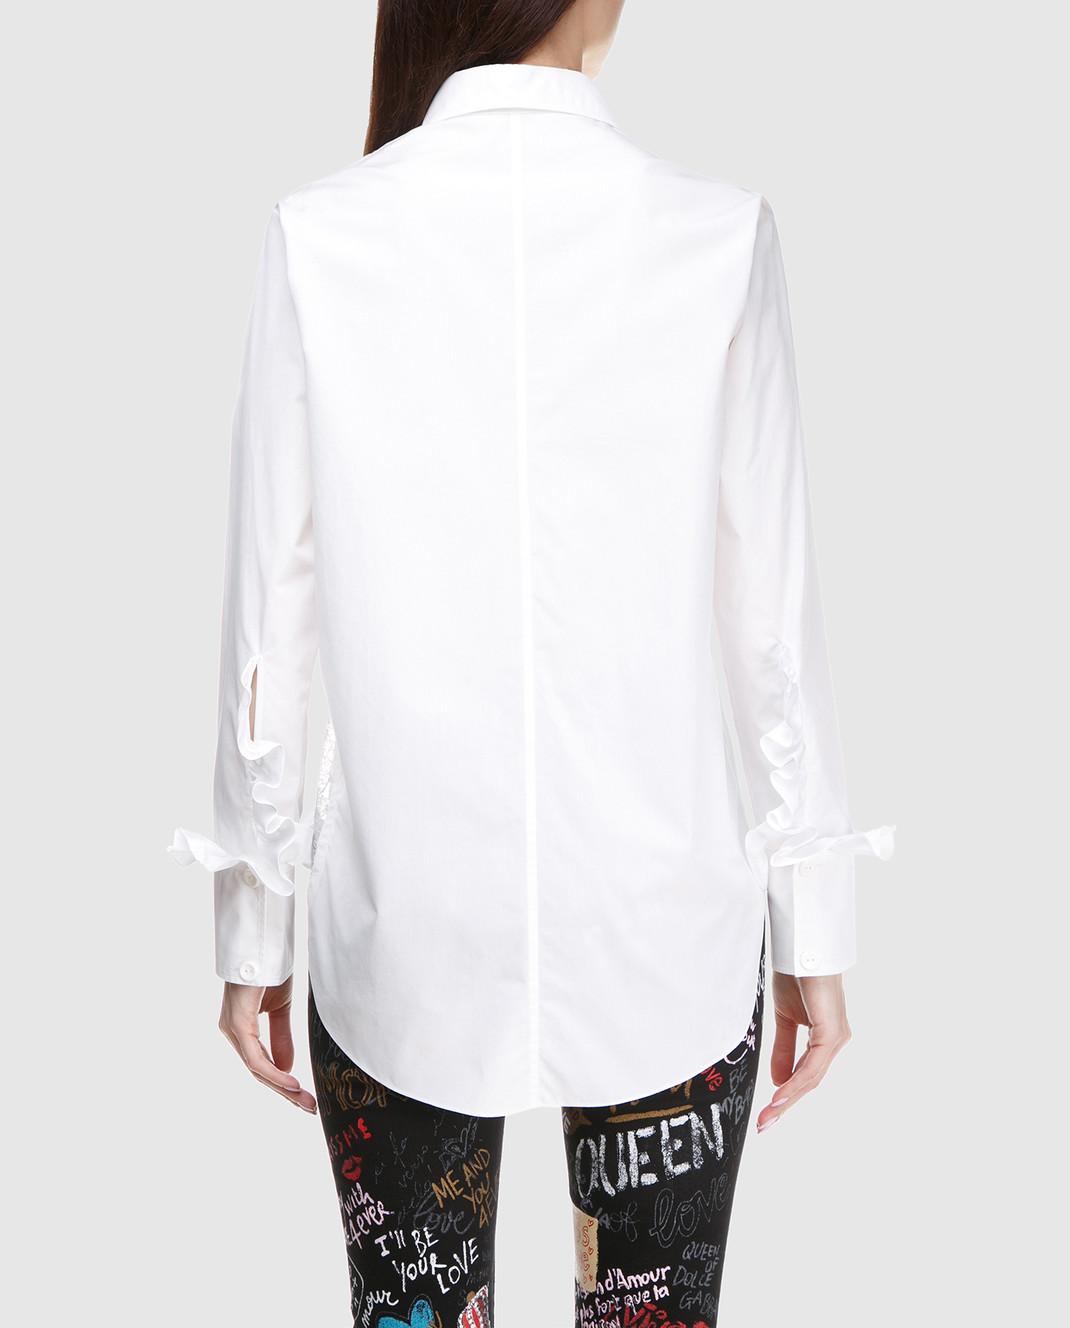 NINA RICCI Белая рубашка с кружевом 17ACT0027C00844 изображение 4